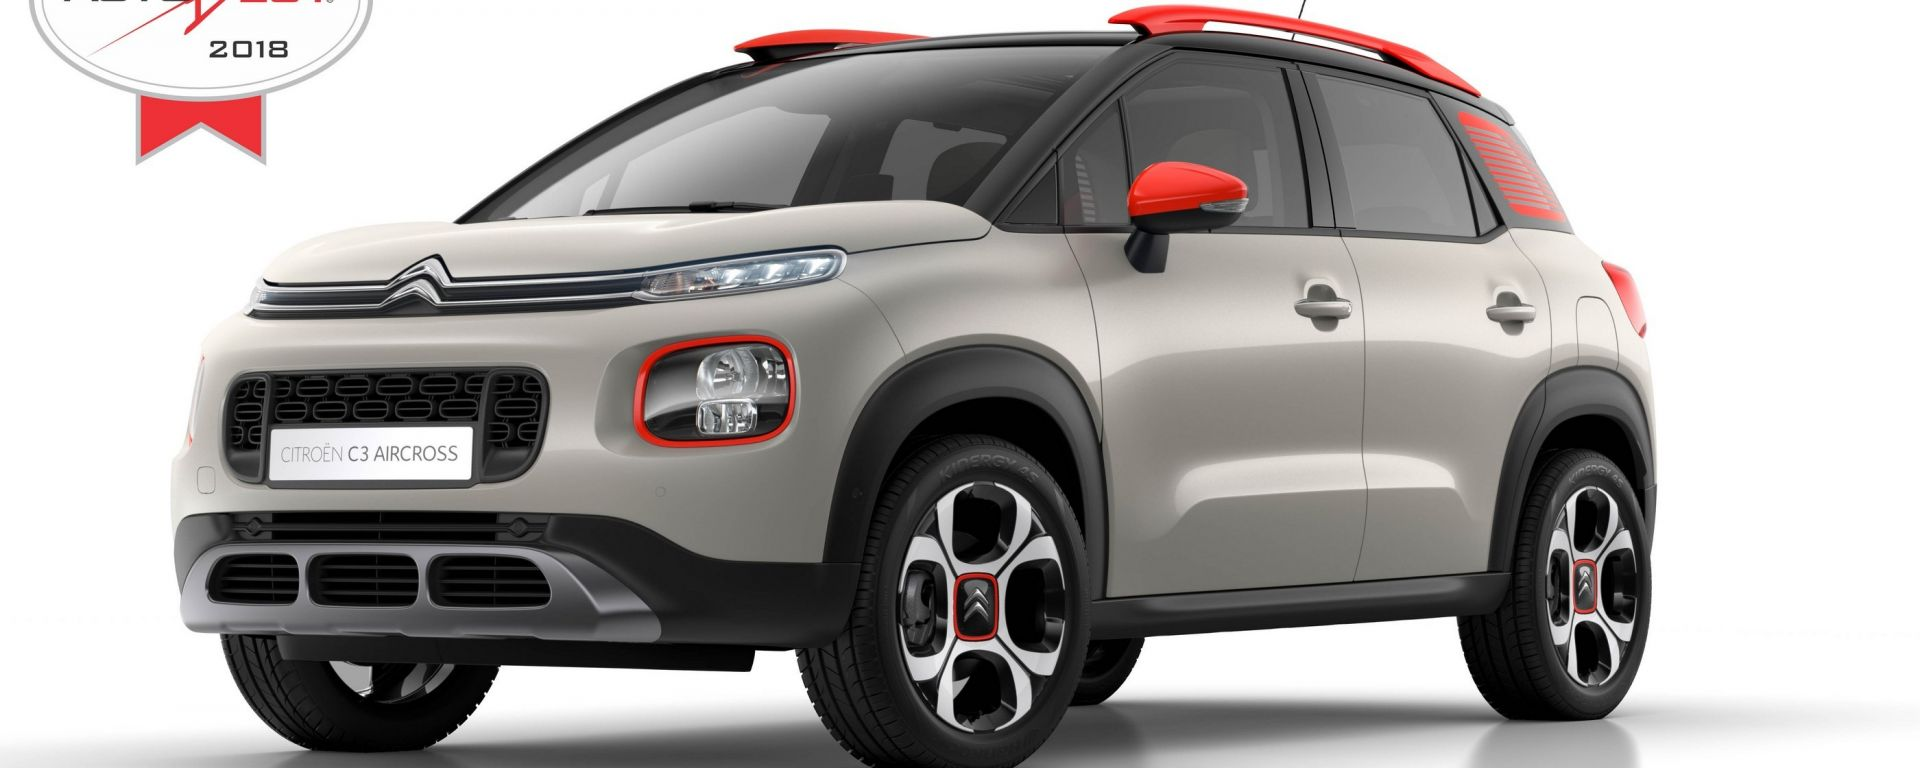 Citroen C3 Aircross: il nuovo Compact Suv incoronato Autobest 2018